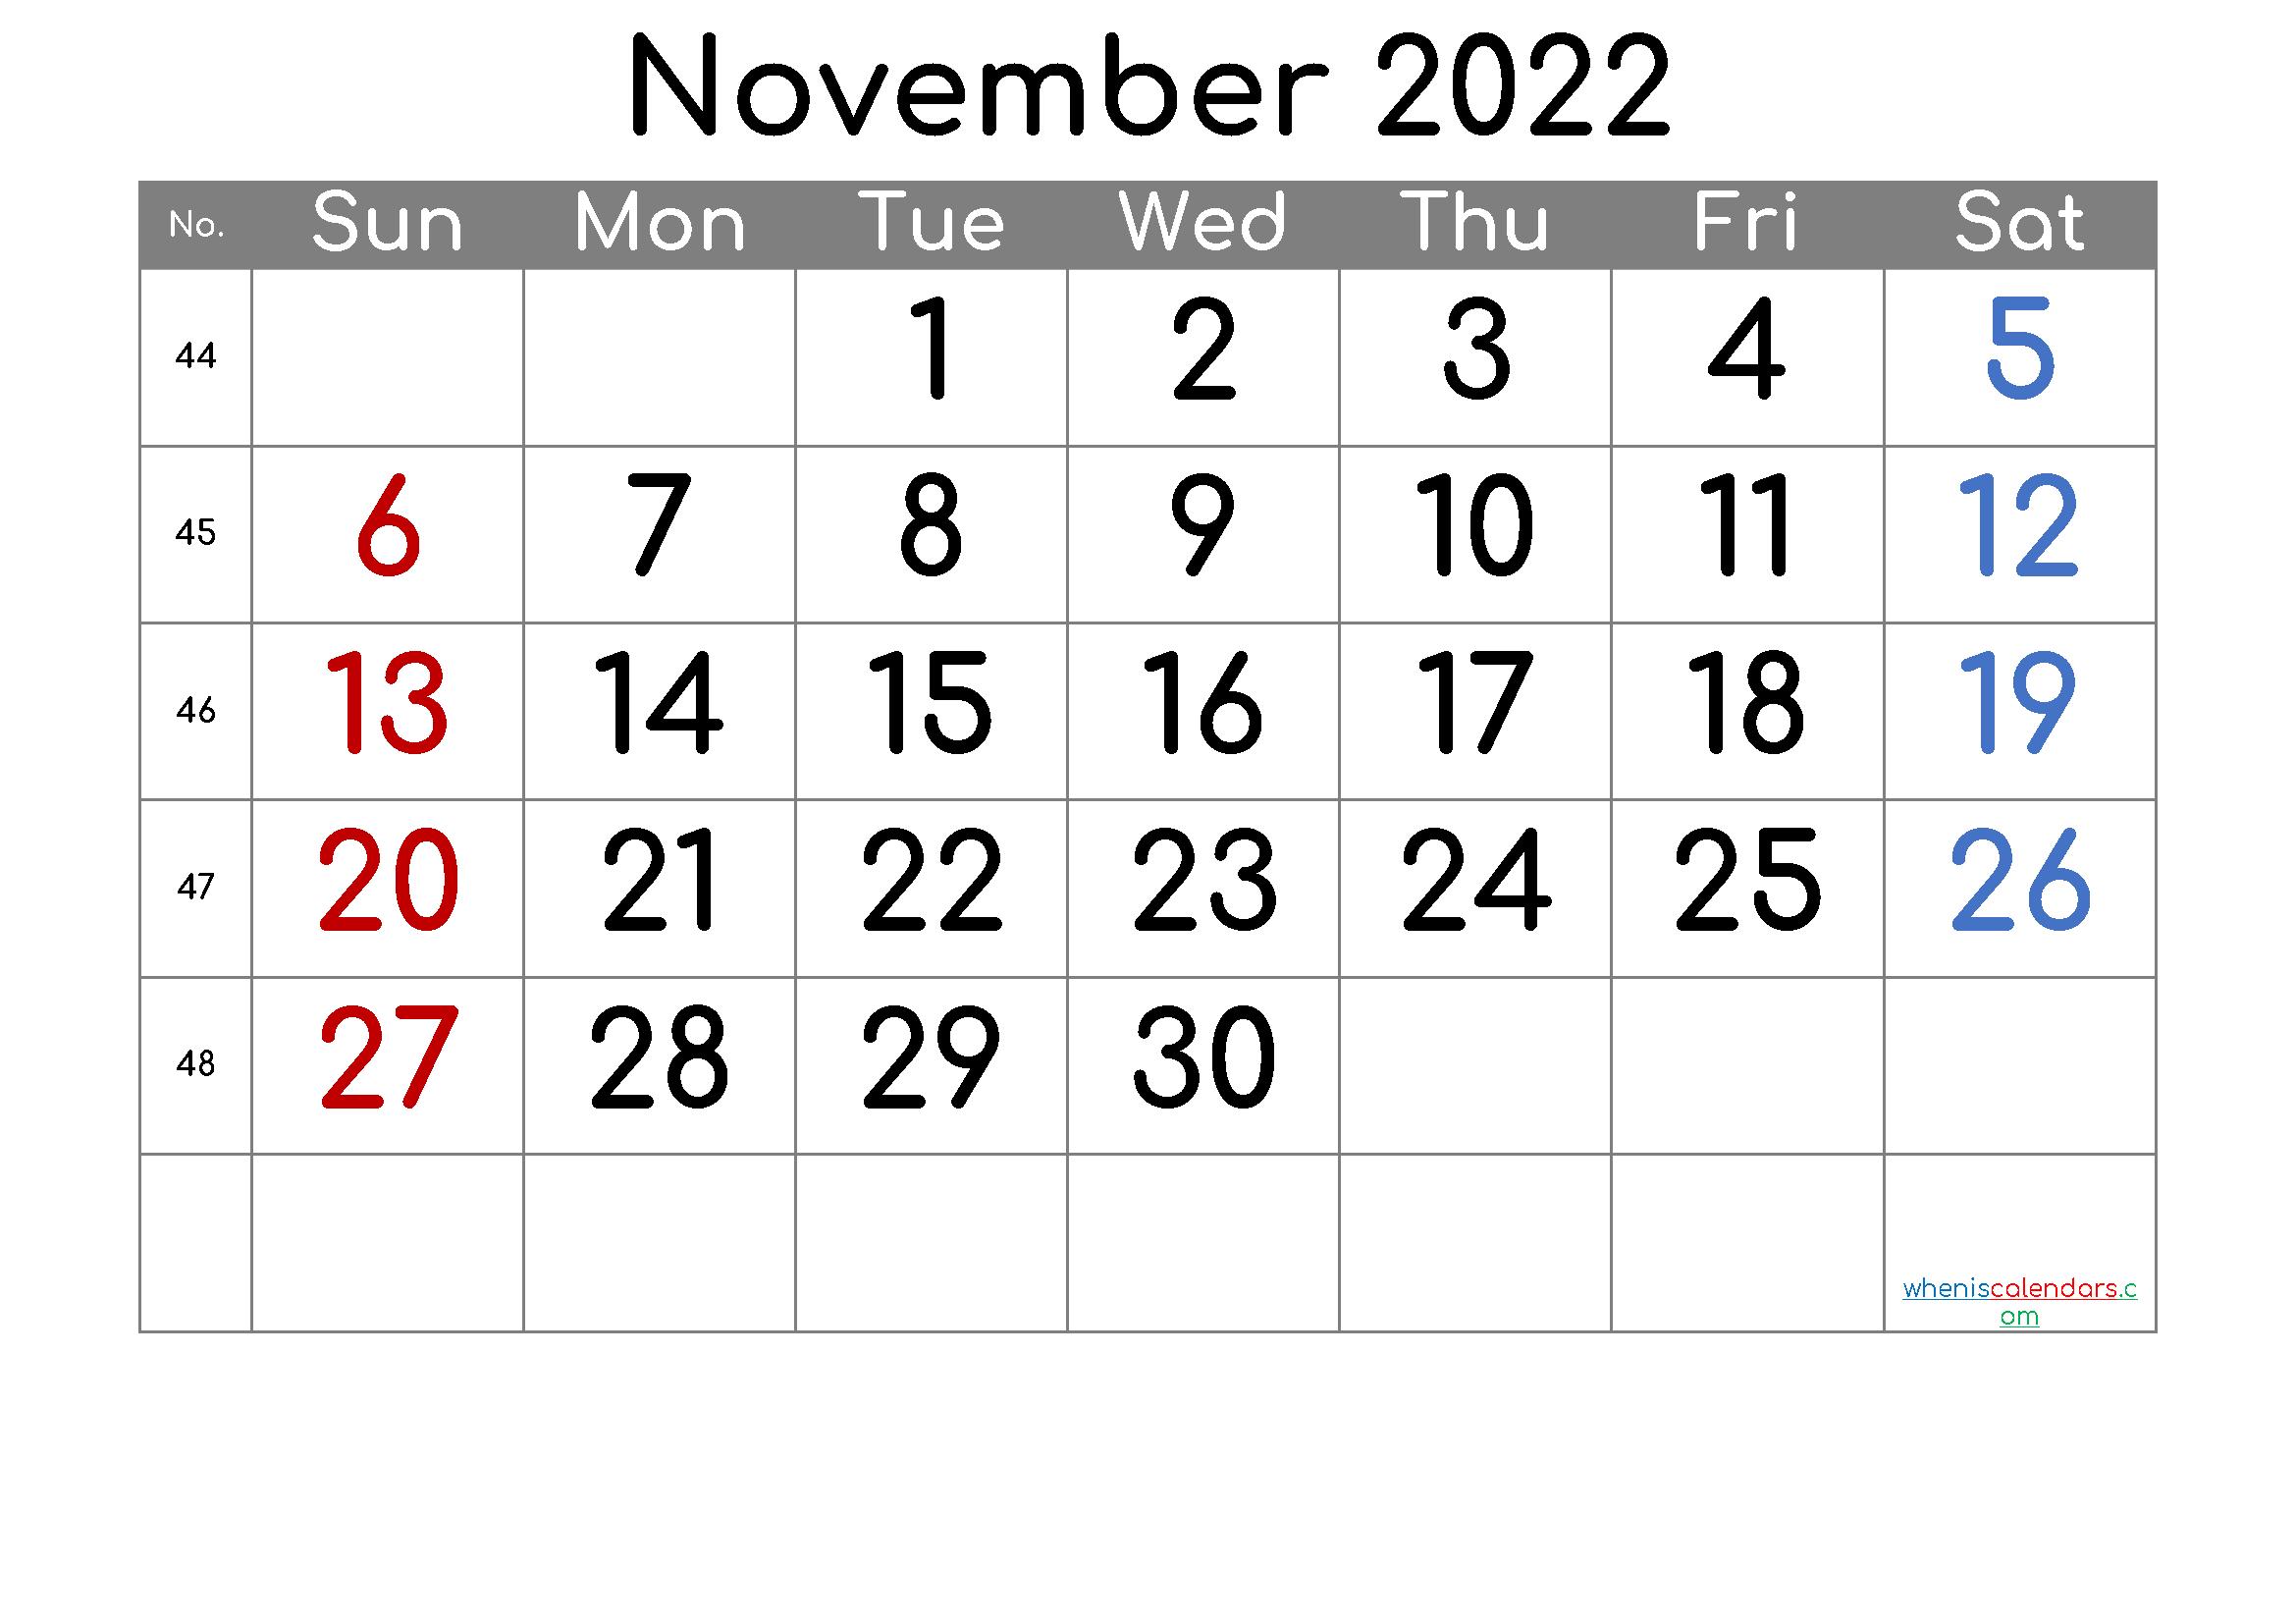 Calendar November 2022.November 2022 Printable Calendar 6 Templates Calendar Printables June Calendar Printable 2021 Calendar